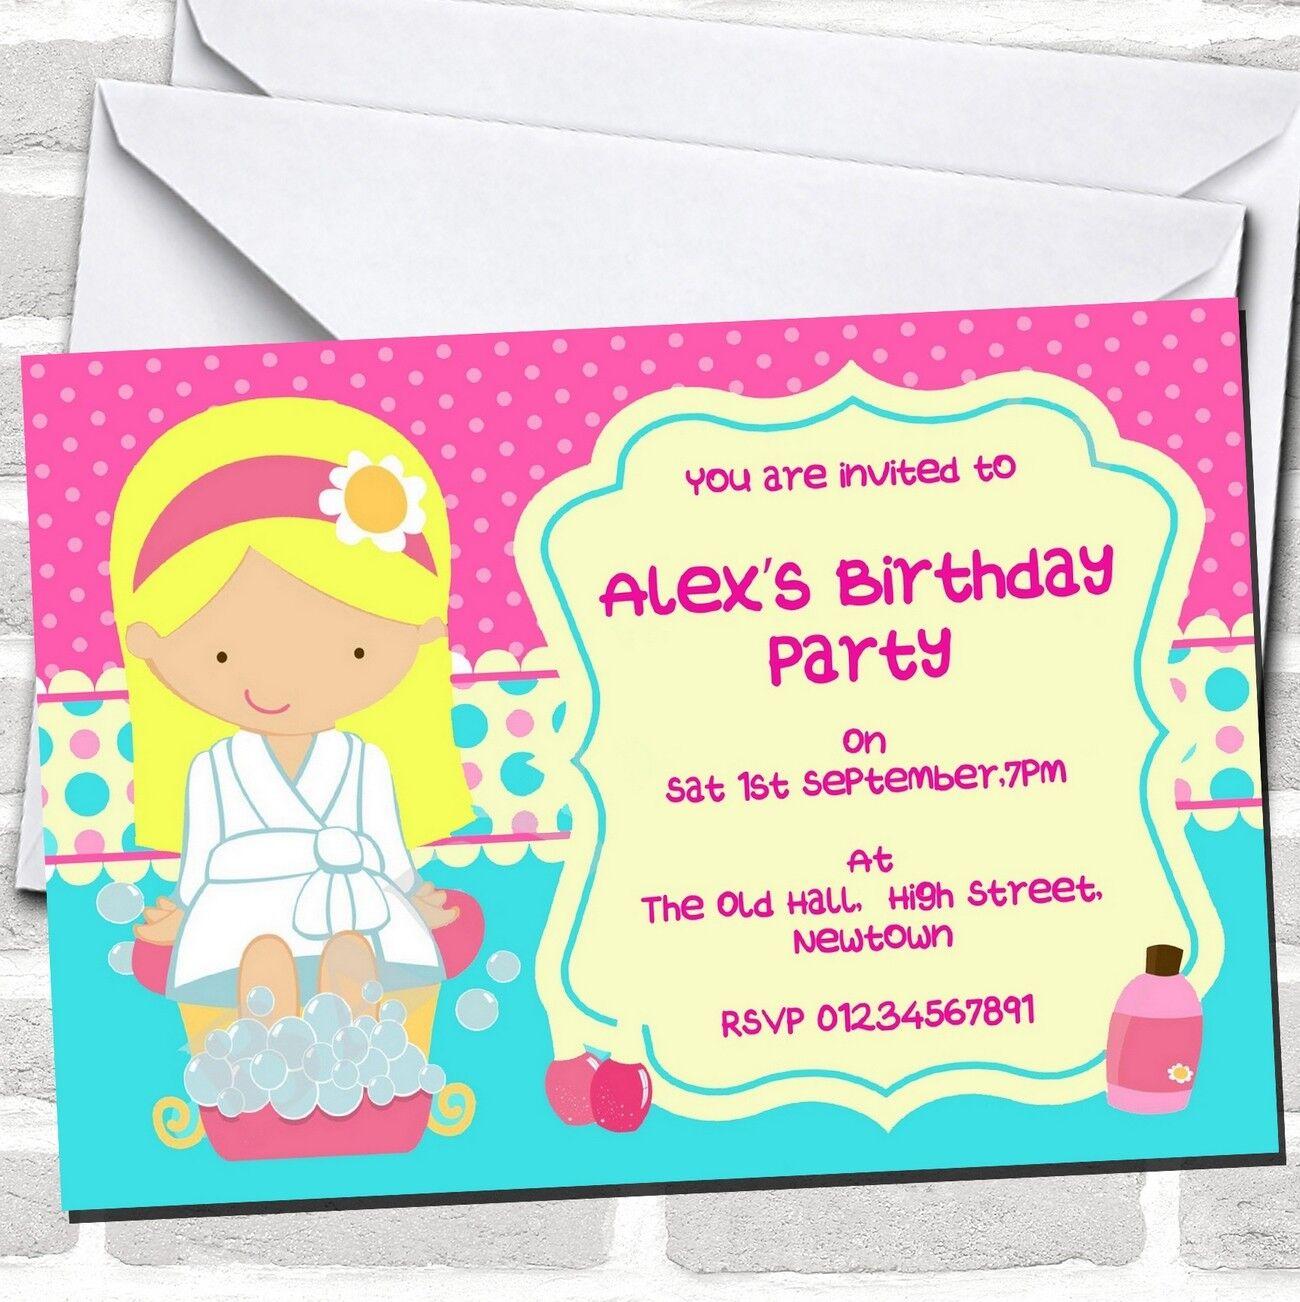 Cambio de imagen de Uñas Spa tema Invitaciones de Fiesta de Cumpleaños